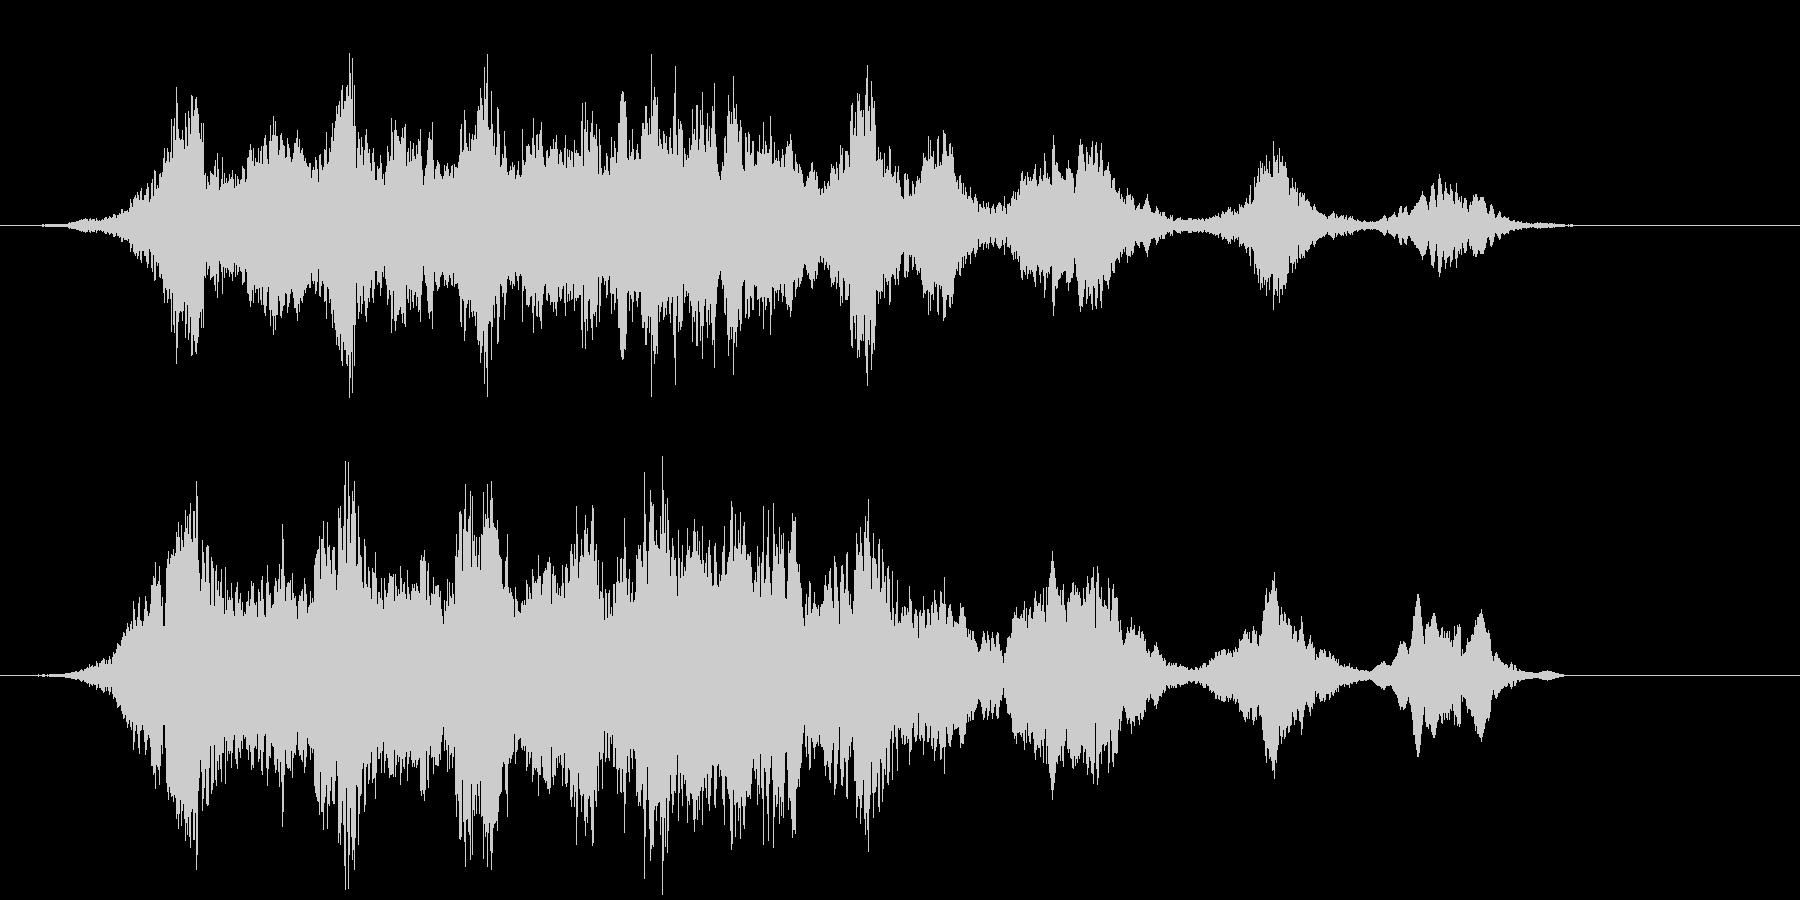 ソード:ストーングラインダーのシャ...の未再生の波形